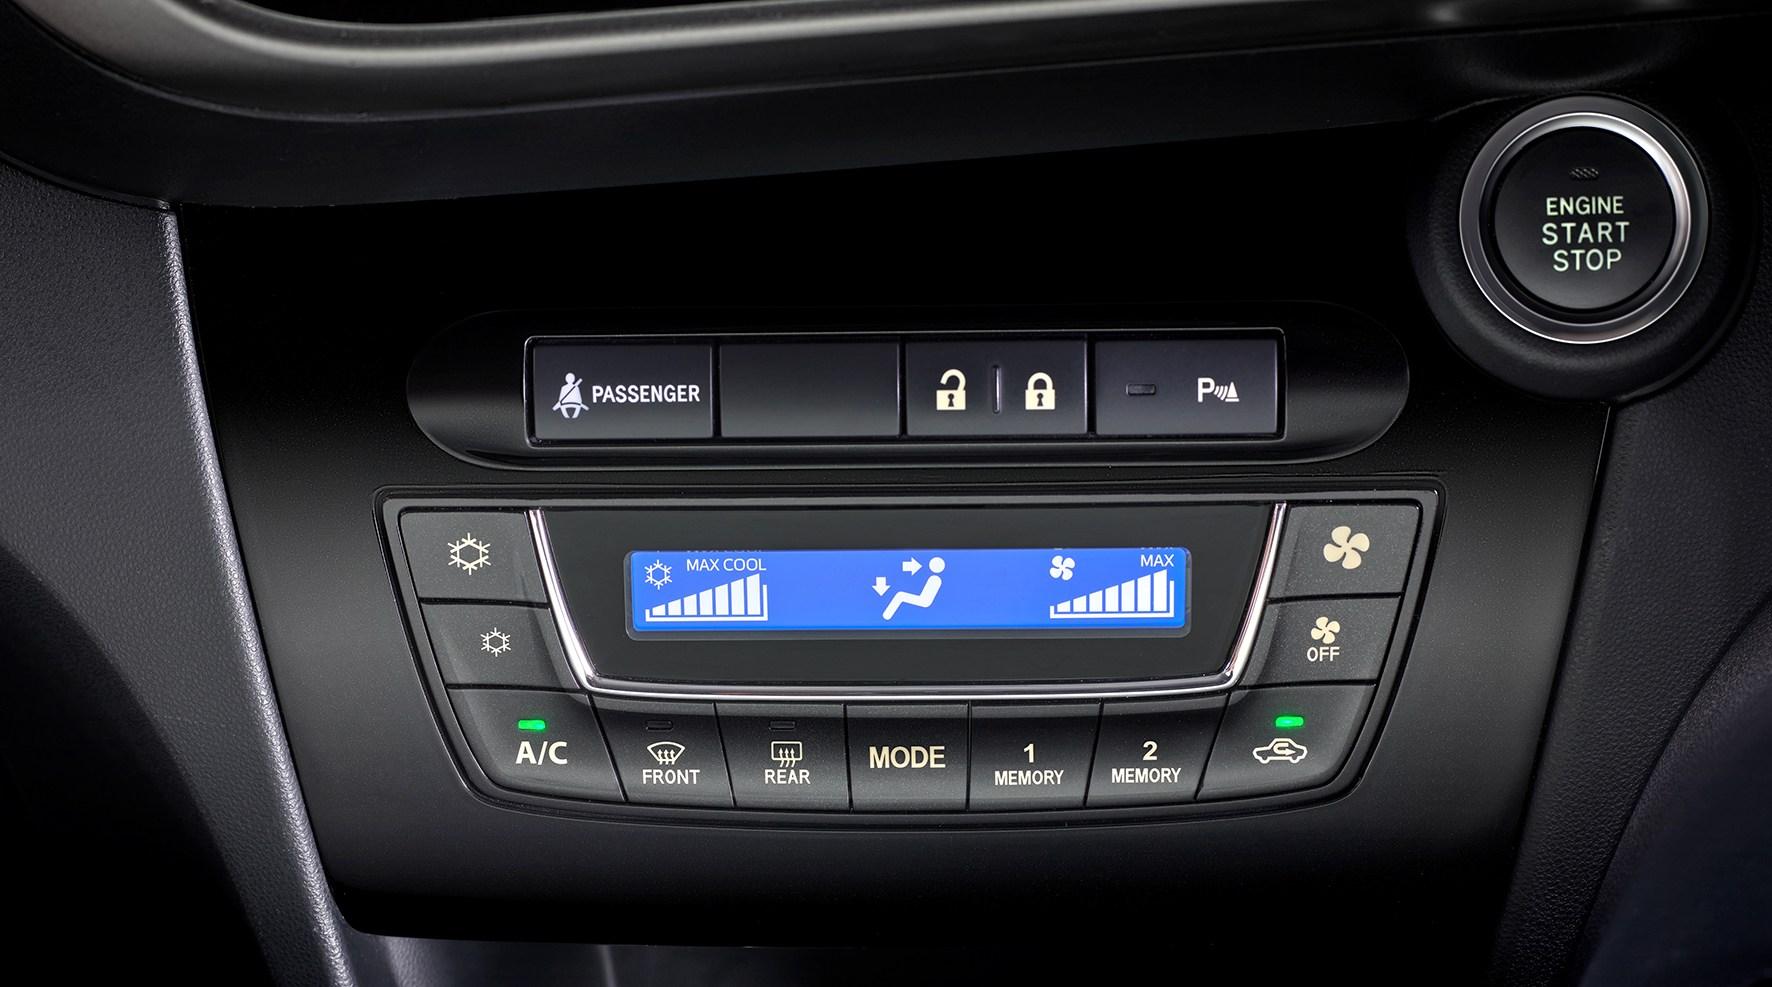 Digital Air Conditioner